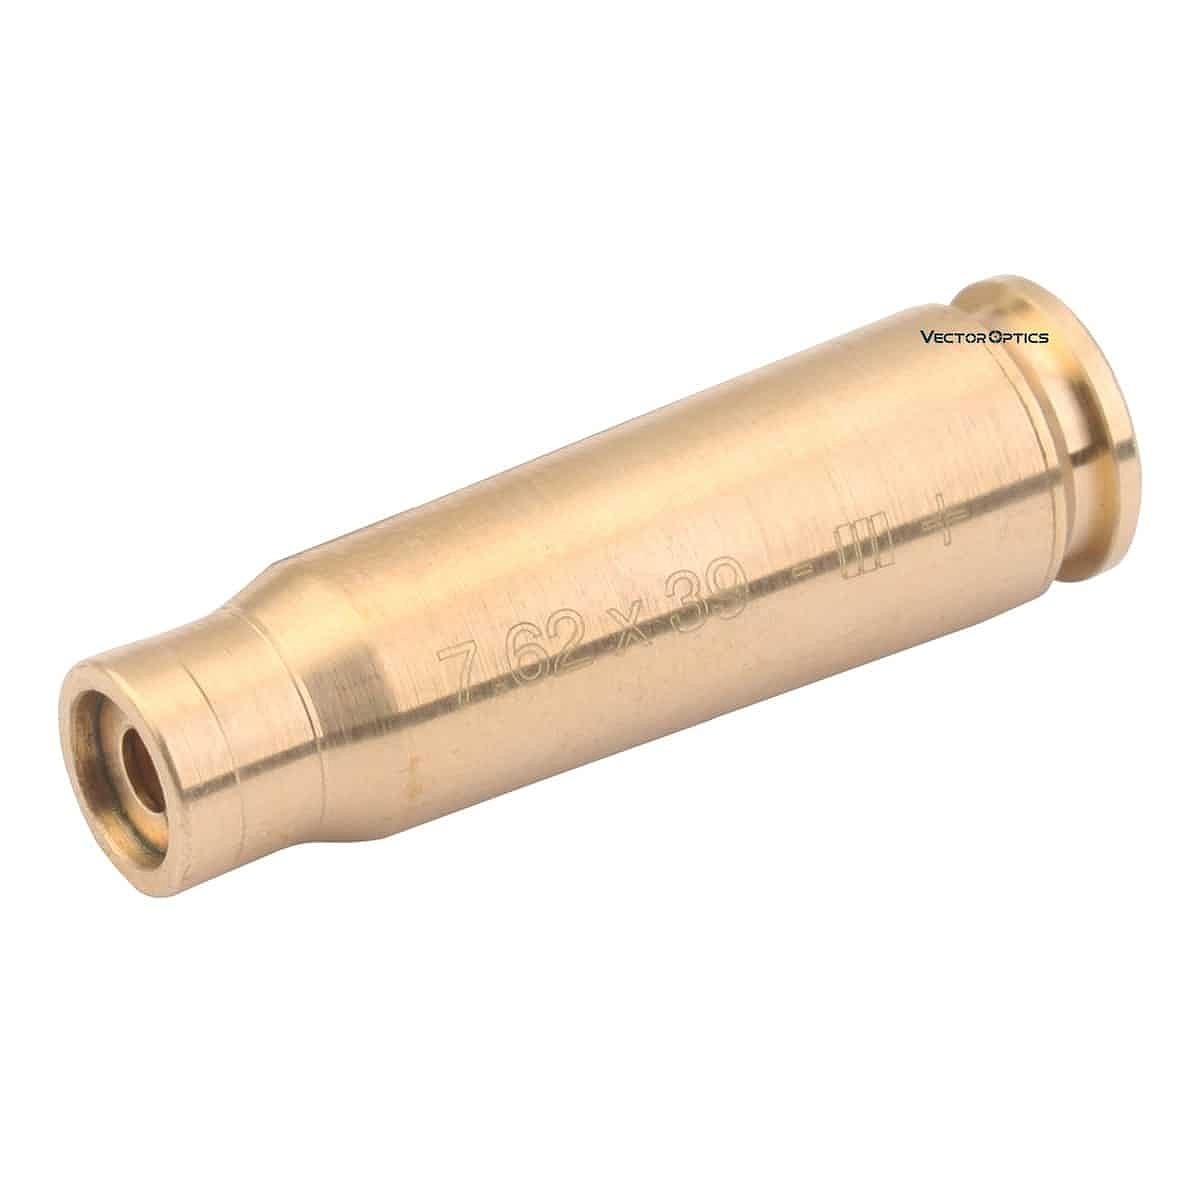 ベクターオプティクス ボアサイト 7.62x39mm  Vector Optics SCBCR-05